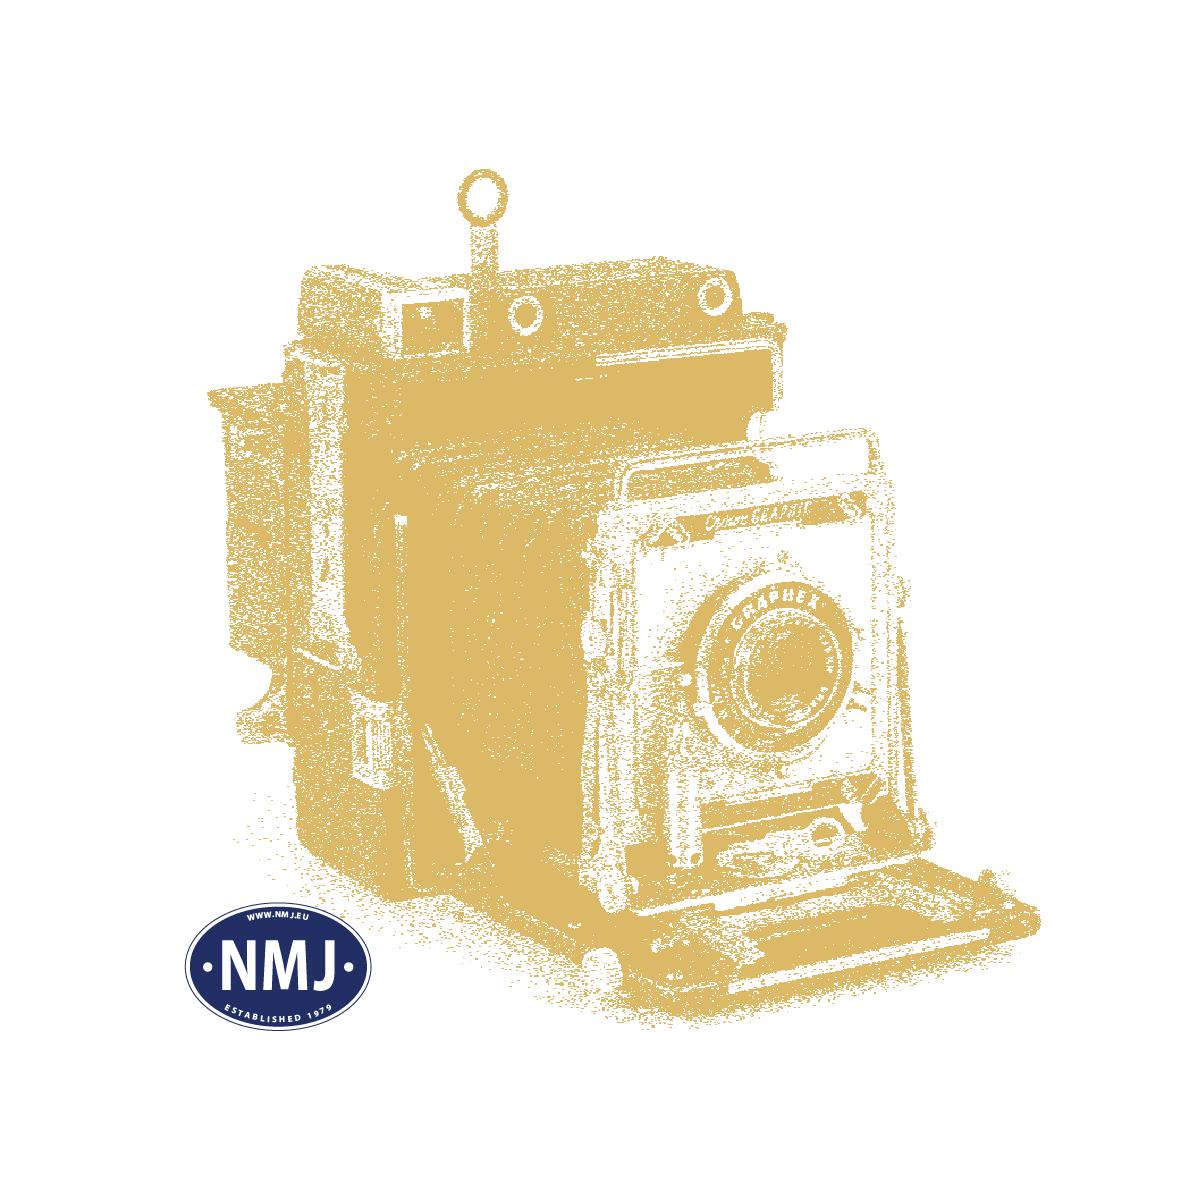 NMJT201.501 - NMJ Topline SJ A2K.5043 1 Kl. Personvogn, Inter-Regio farger